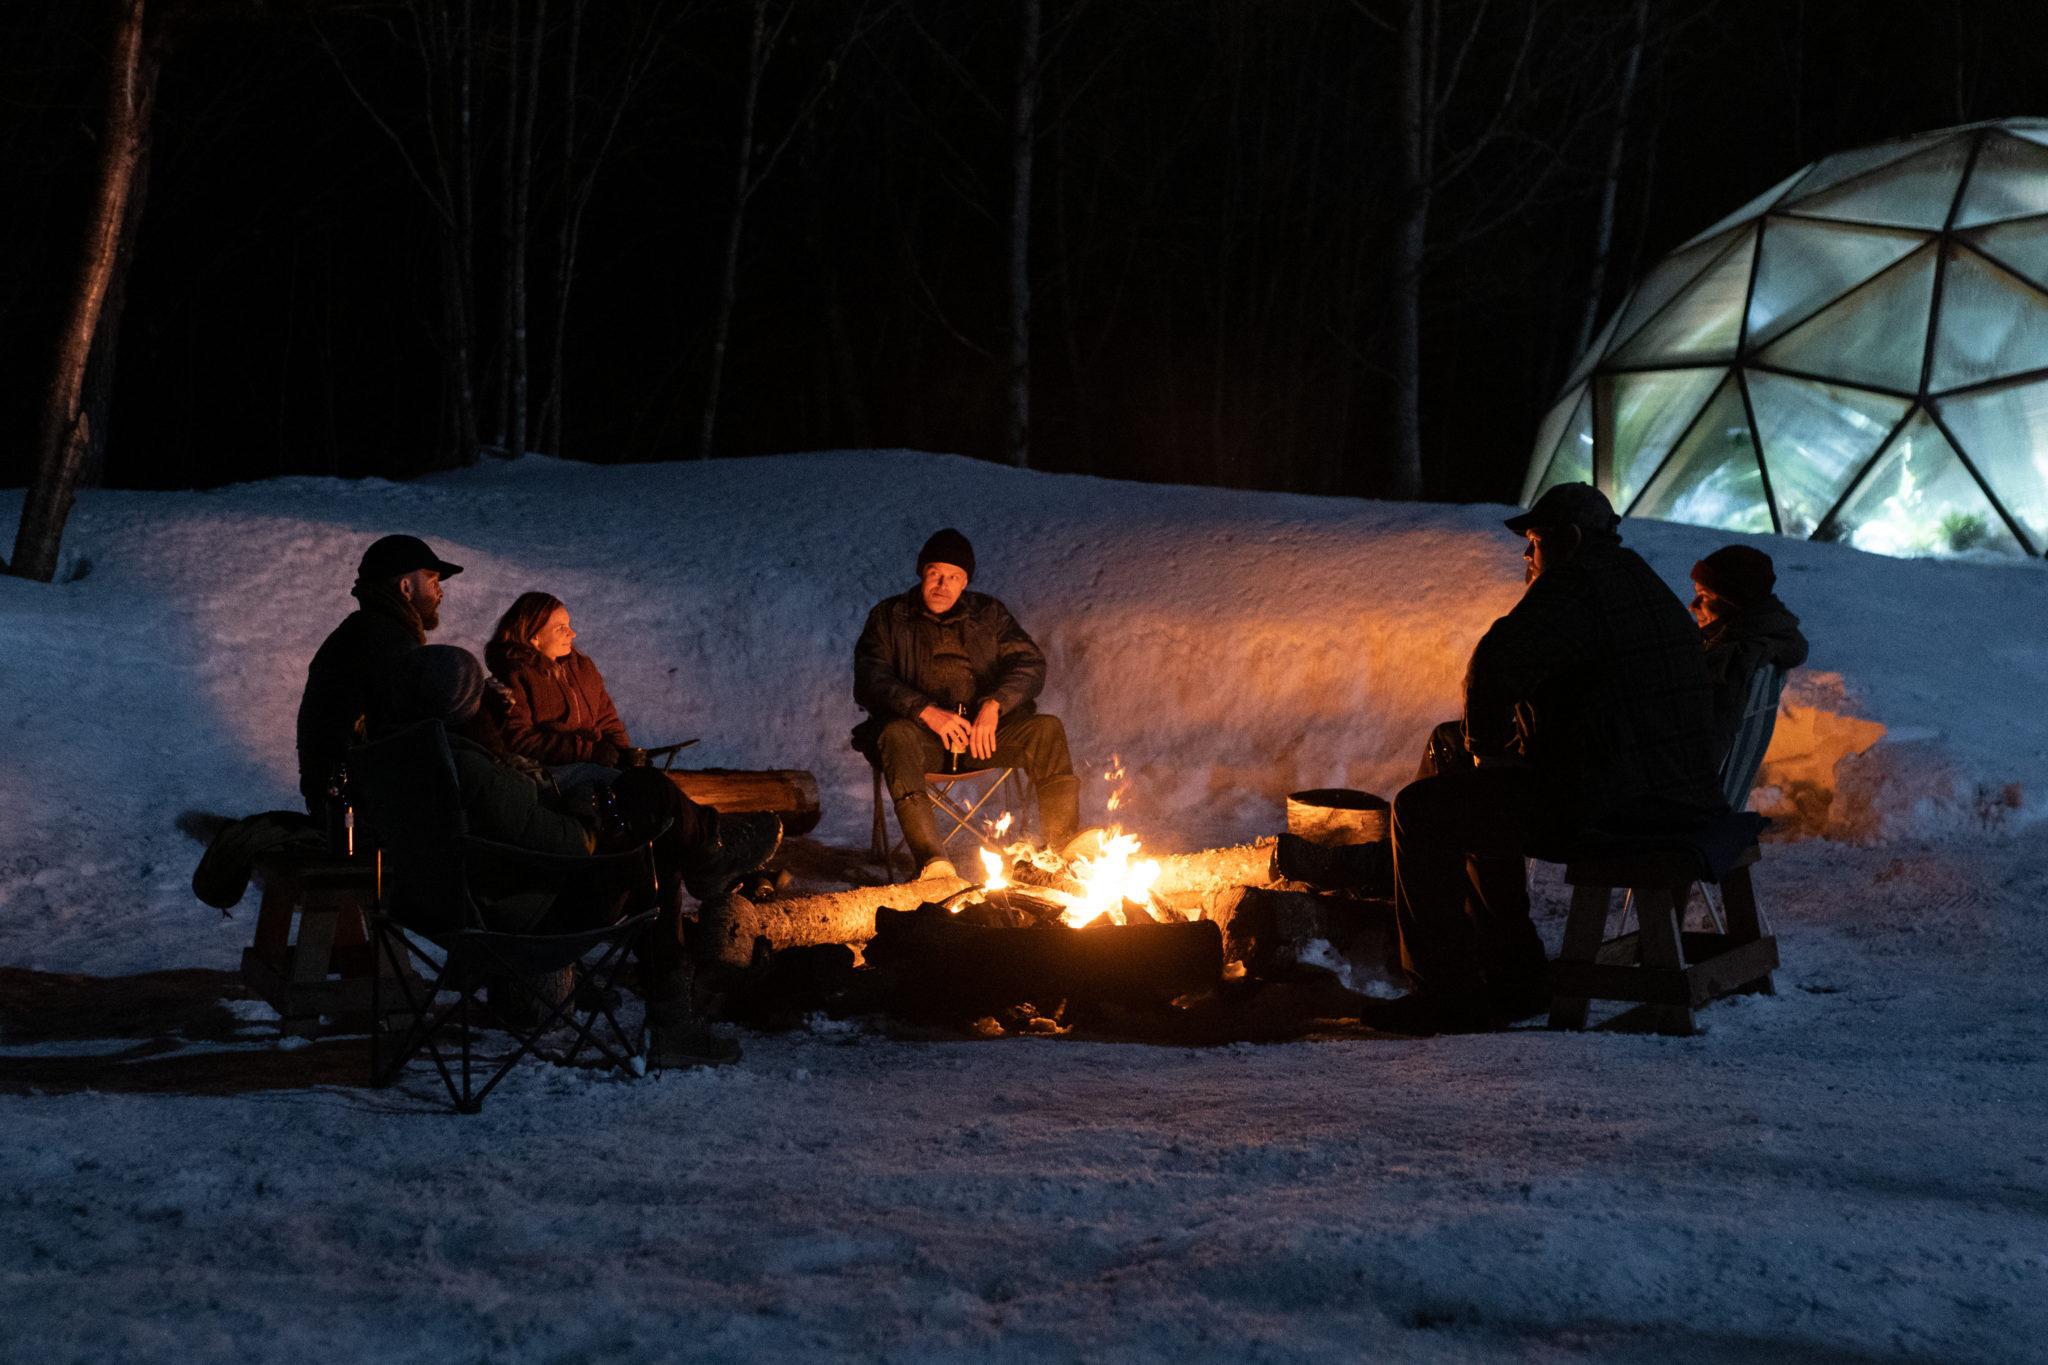 Die Camper sitzen in der Dunkelheit um ein Lagerfeuer in Bis zum Untergang